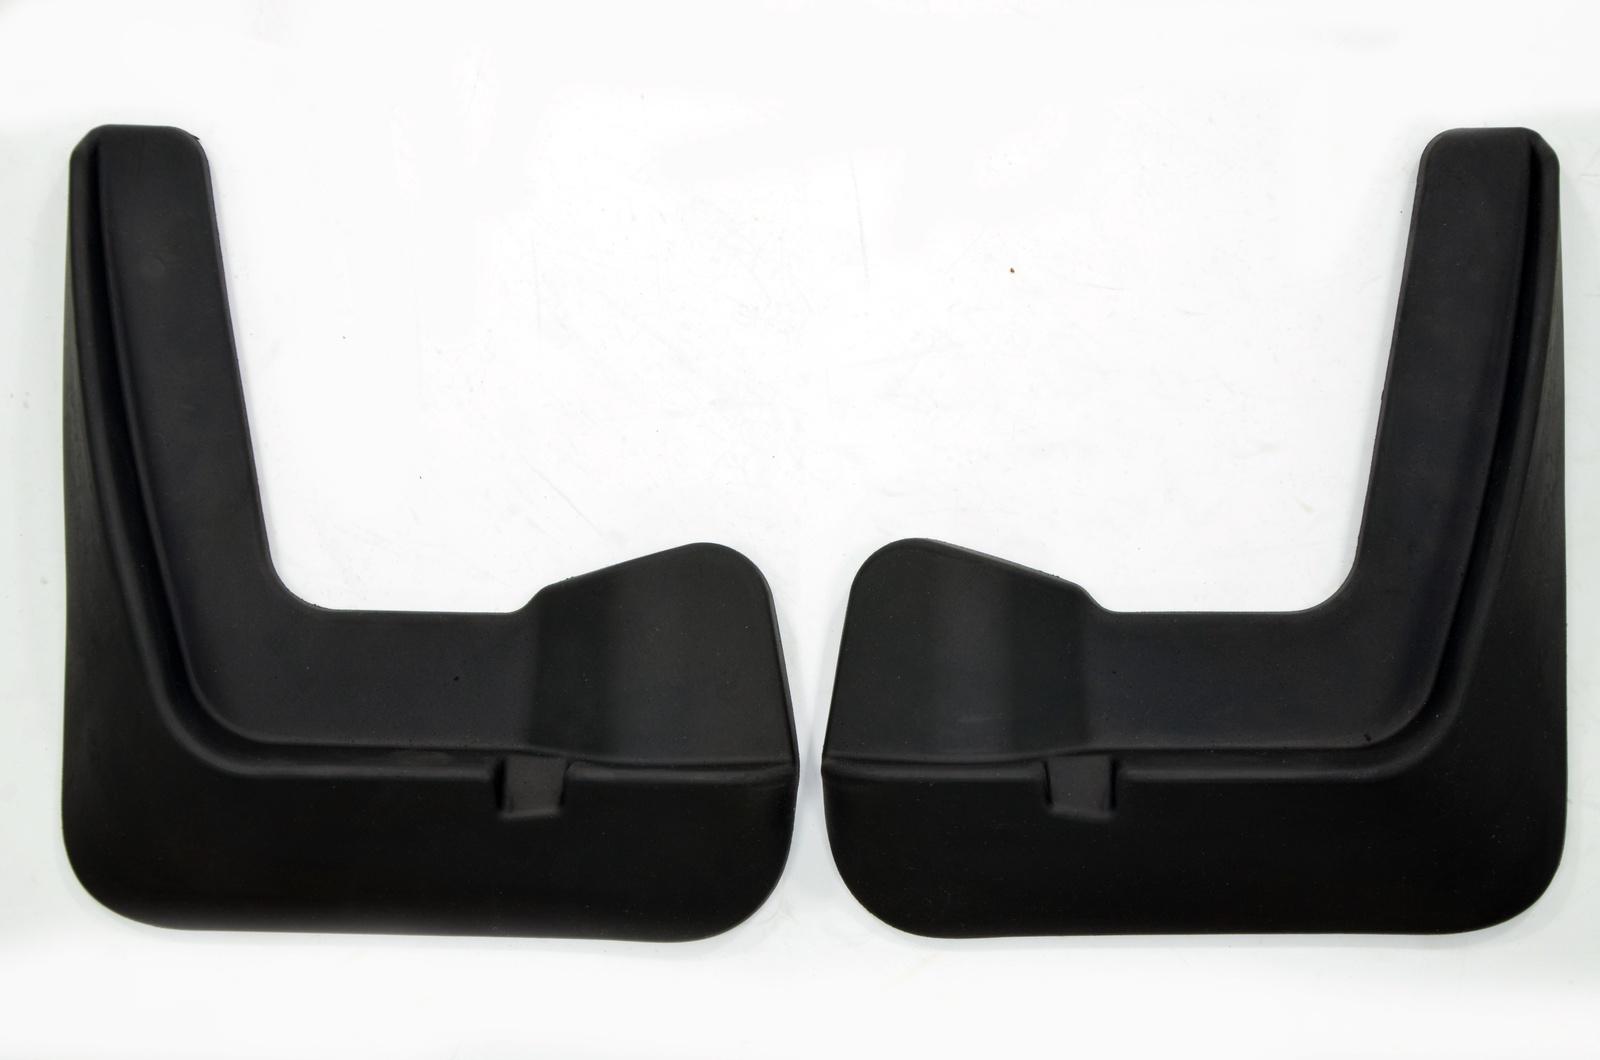 Брызговики резиновые для Hyundai Solaris SD (2017-) Передние брызговики передние hyundai d3f46ak000 для hyundai tucson 2018 2019